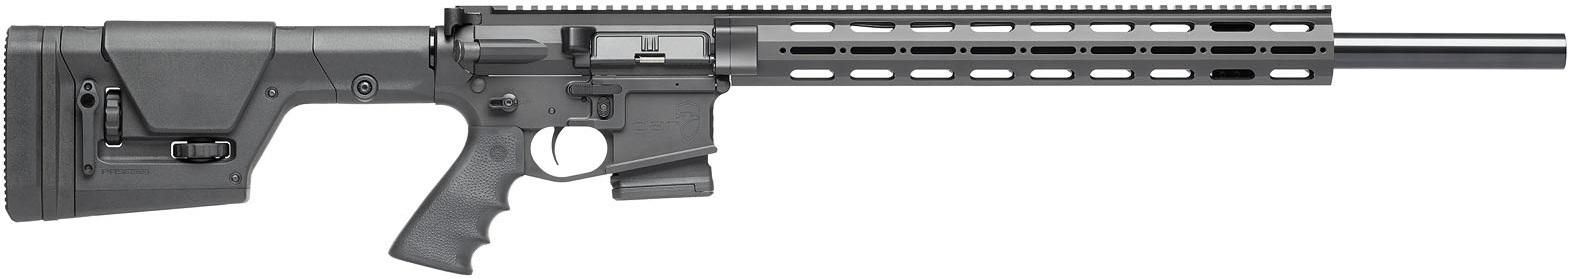 DAR-15 Target Rifle